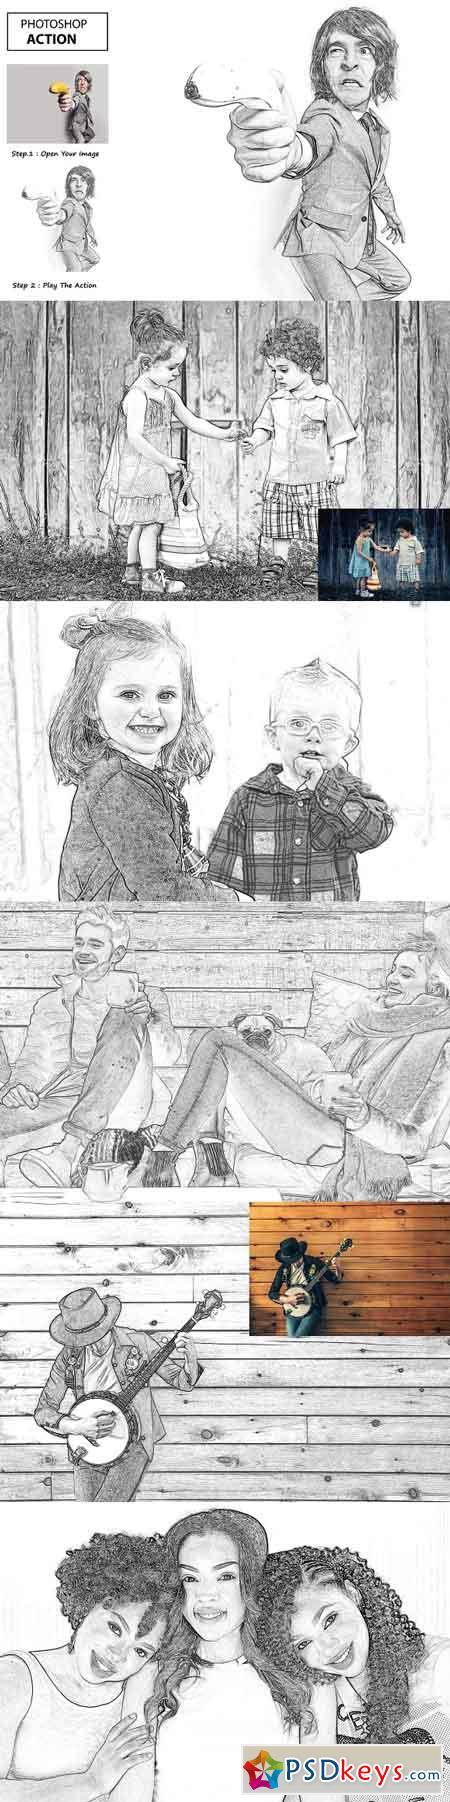 Pencil Sketch - Photo Shop Action 3193459